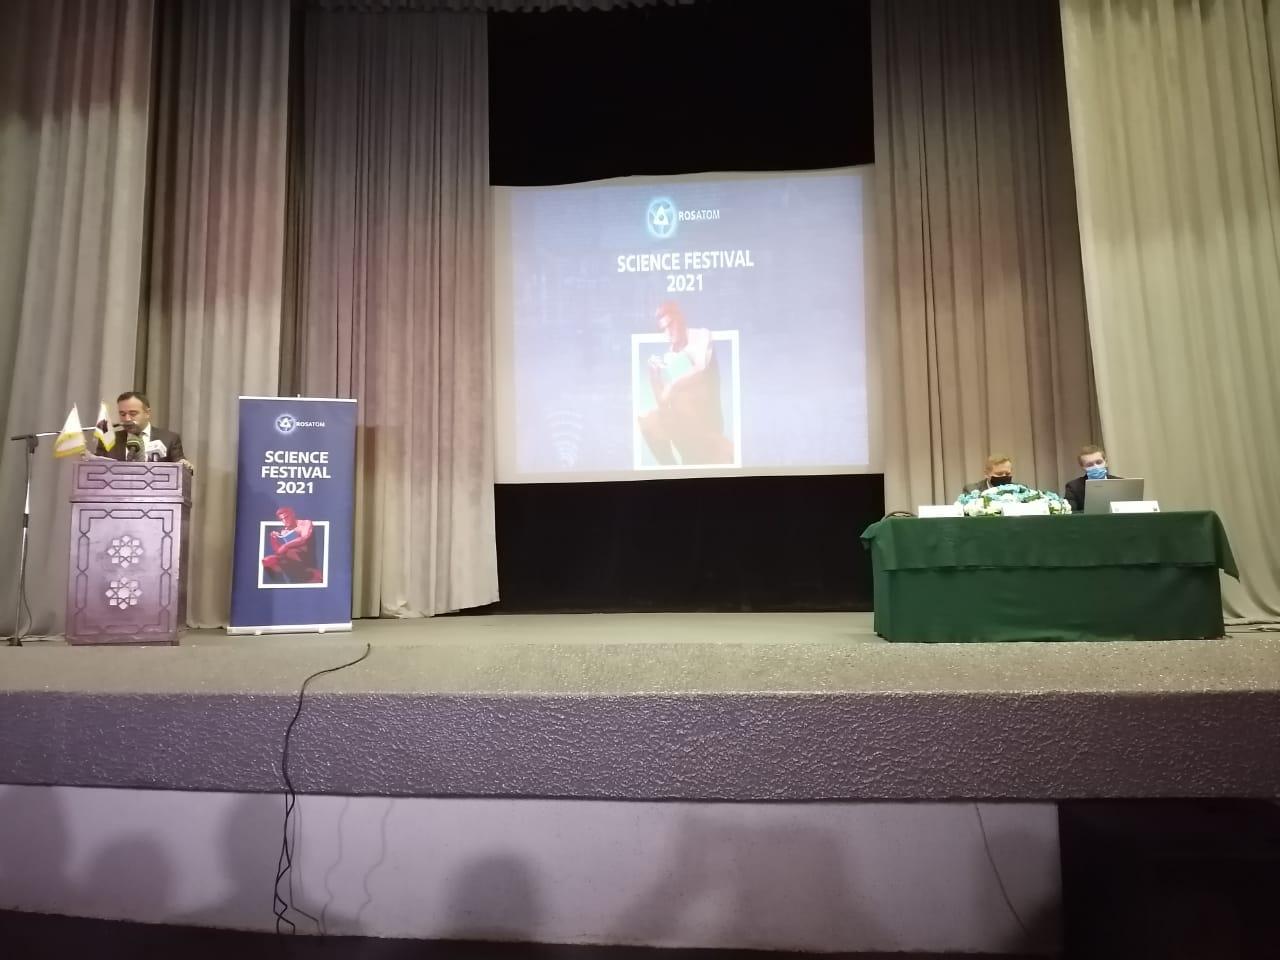 مهرجان العلوم 2021 بالقاهرة الذى عقدتة روساتوم